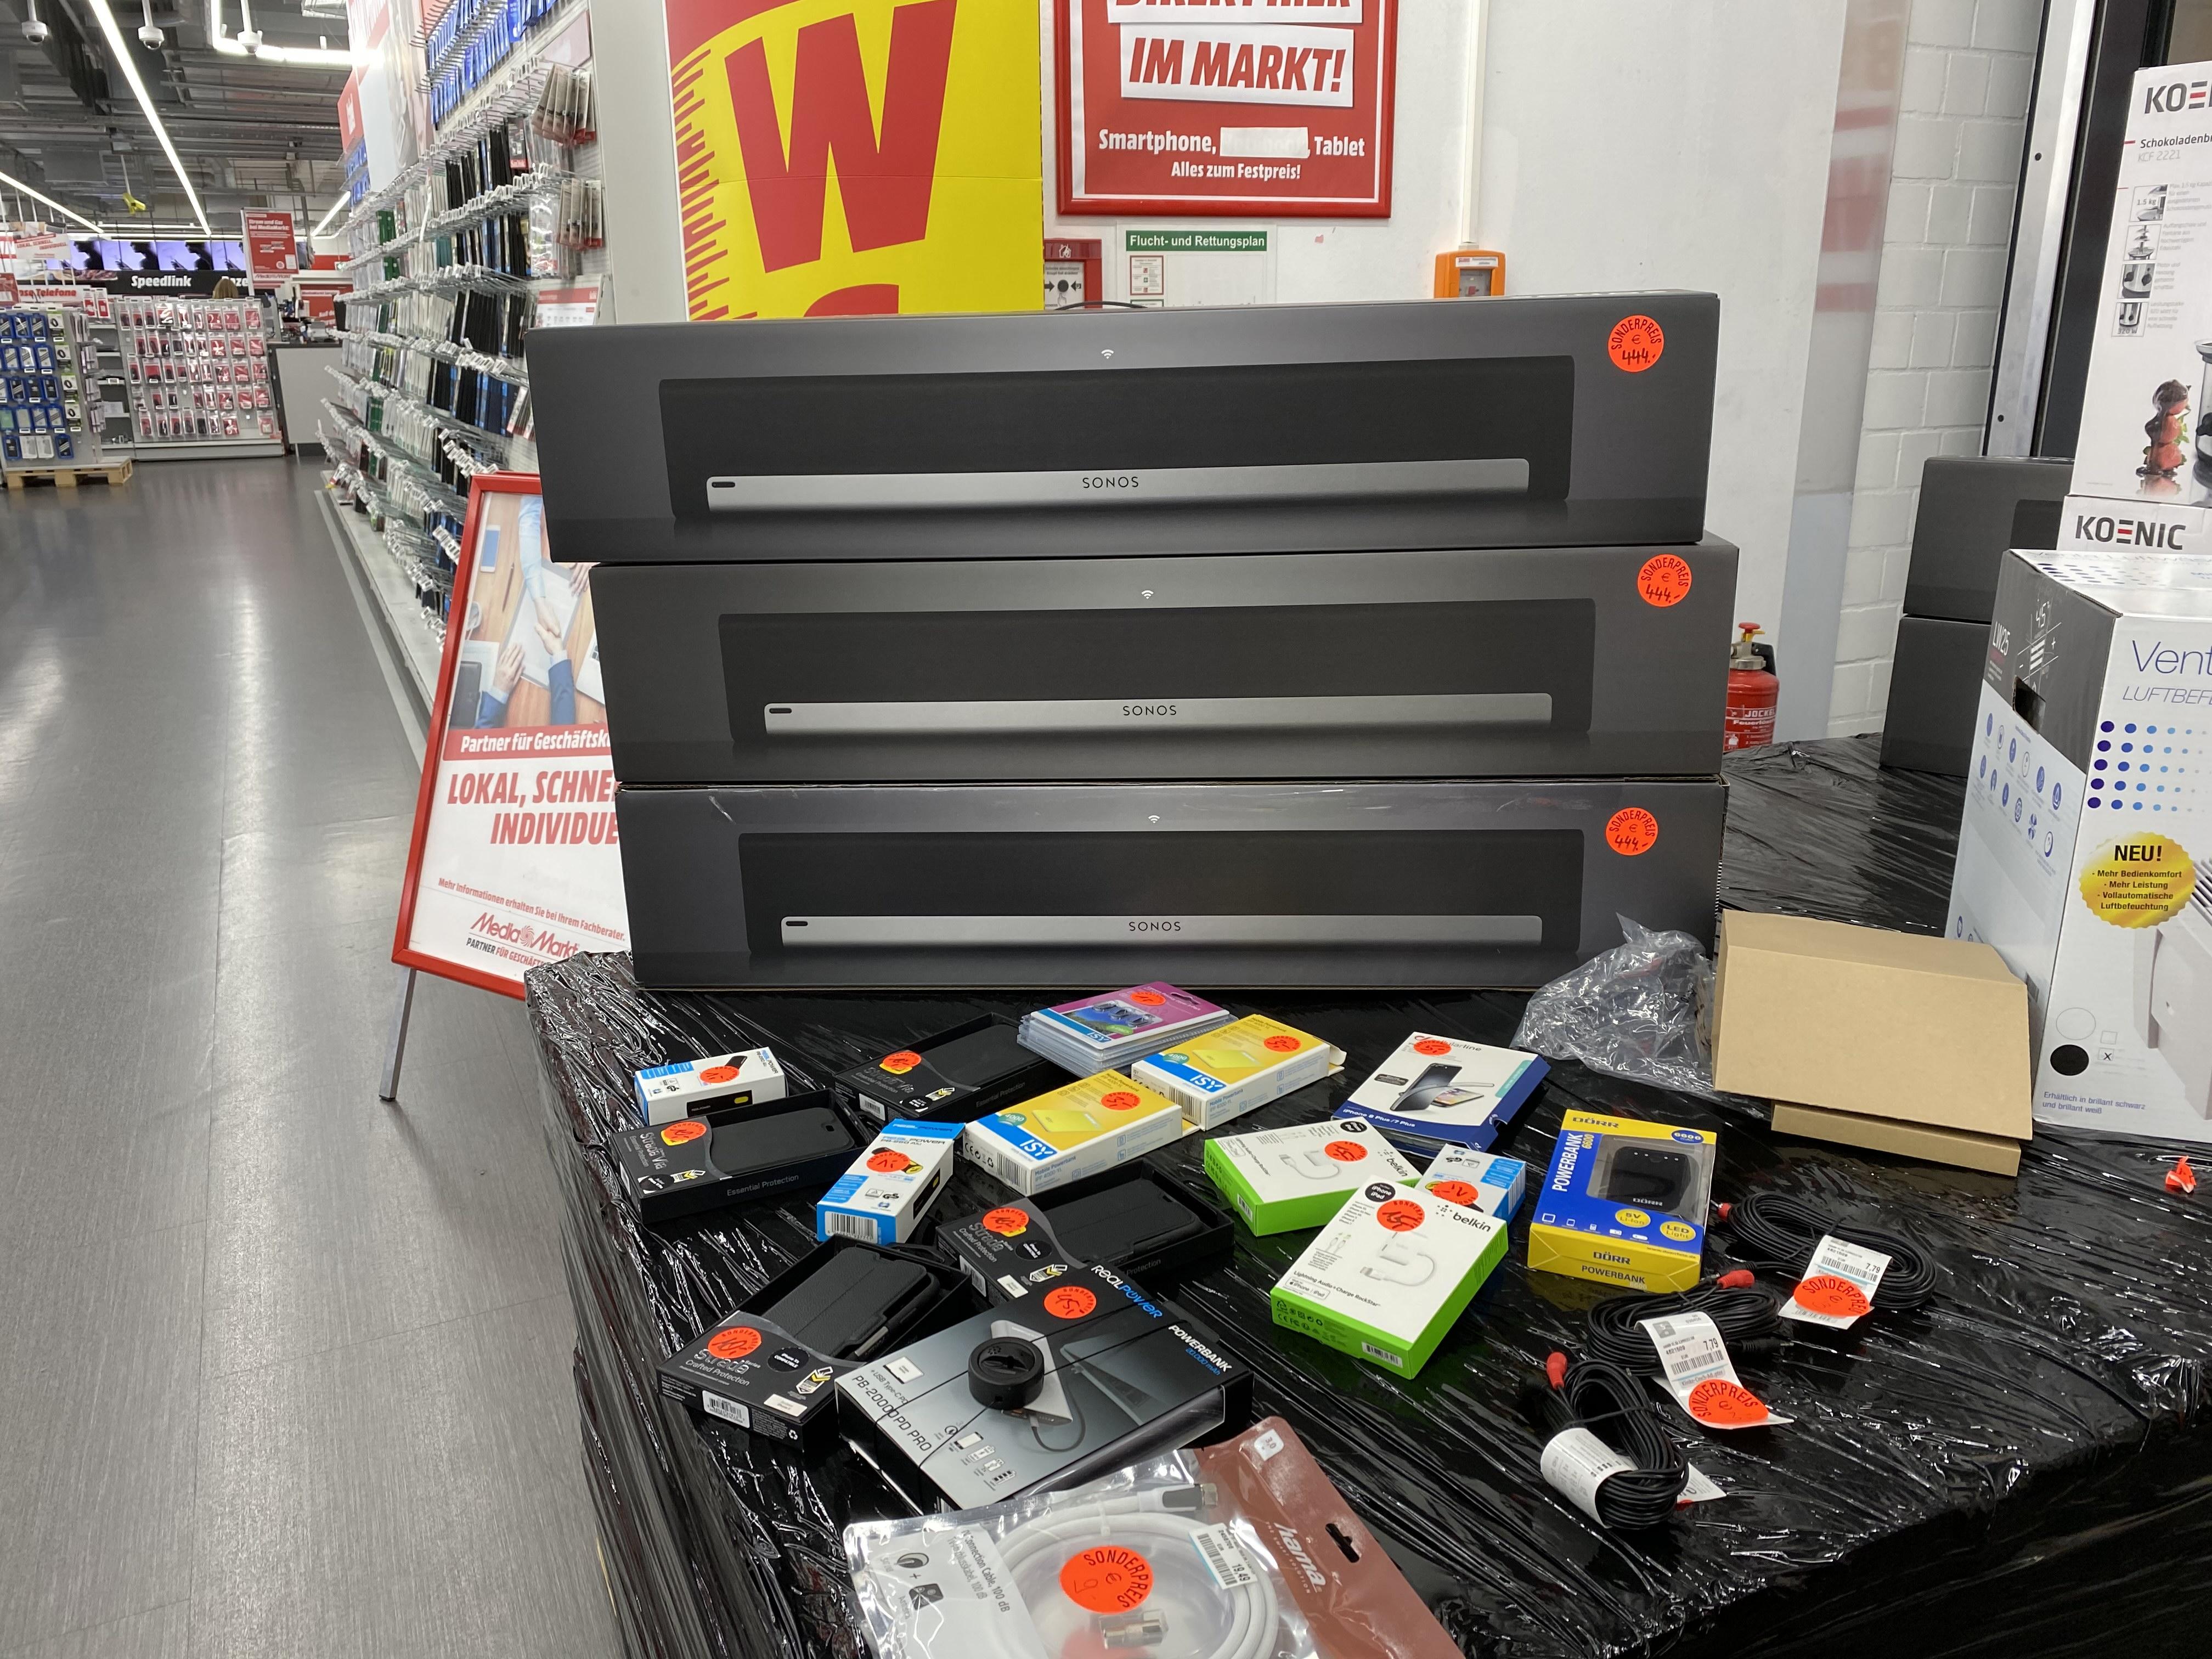 *Lokal* Media Markt Kaufpark Eiche- Sonos Playbar in schwarz